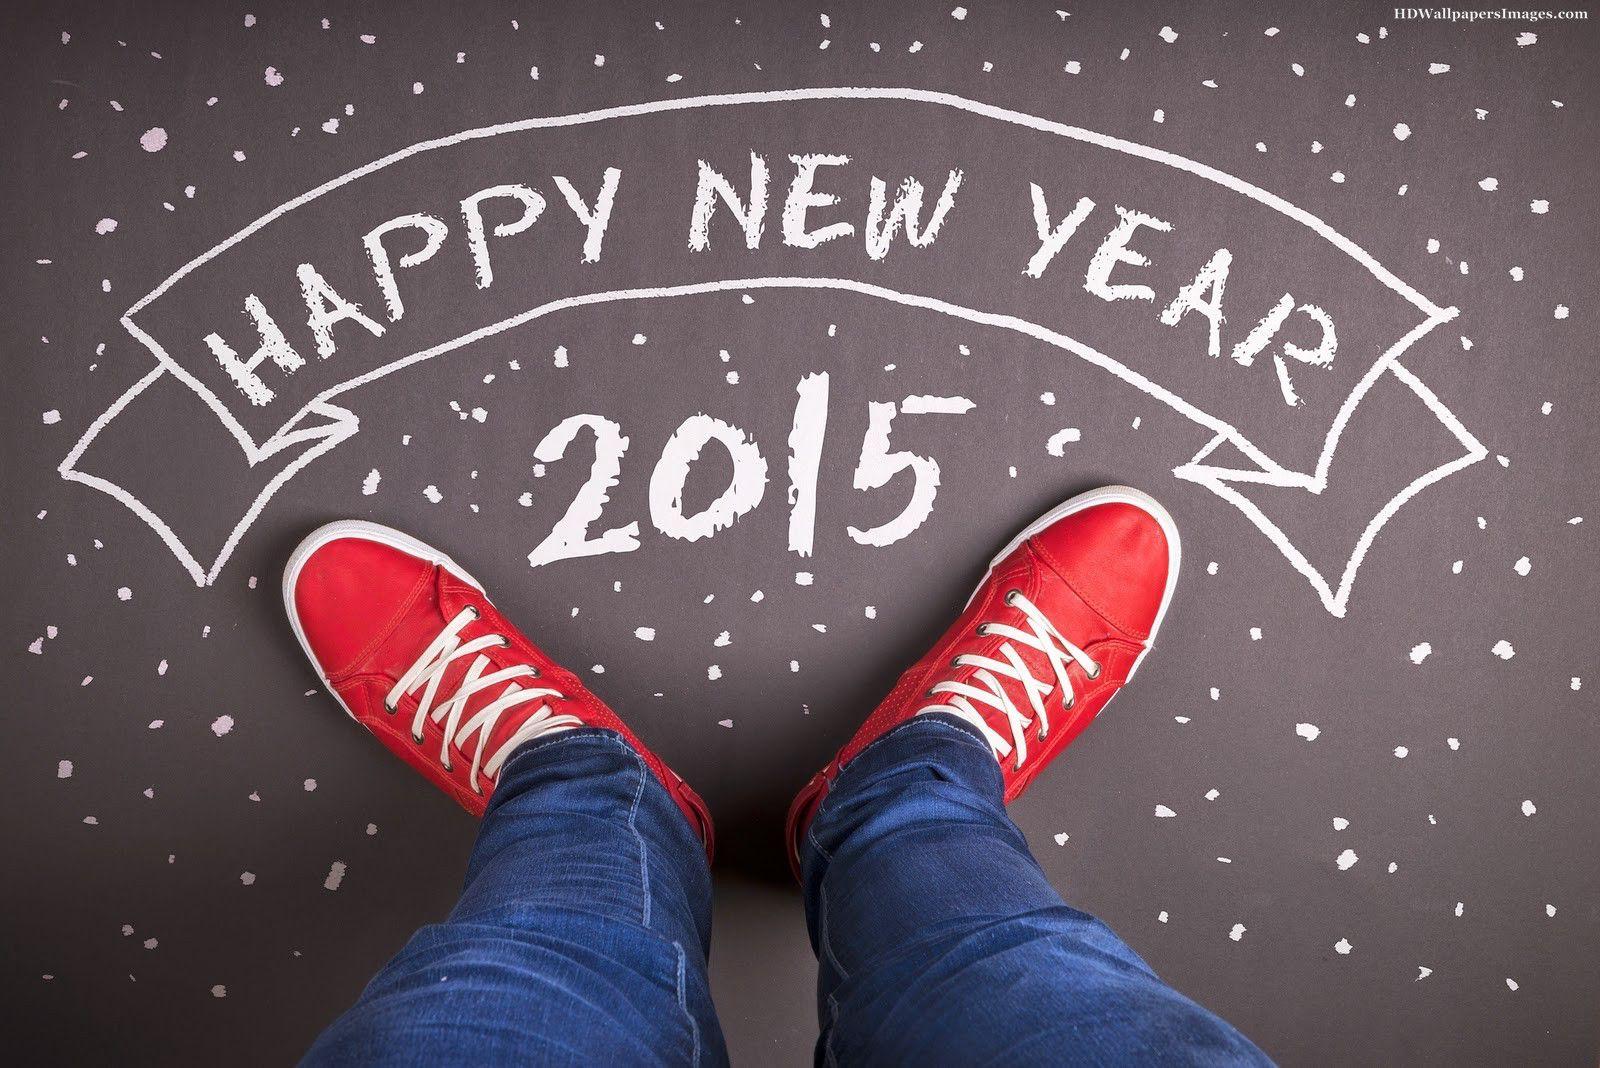 Hình nền chúc mừng năm mới 2015 đẹp và ý nghĩa nhất  - Ảnh 6